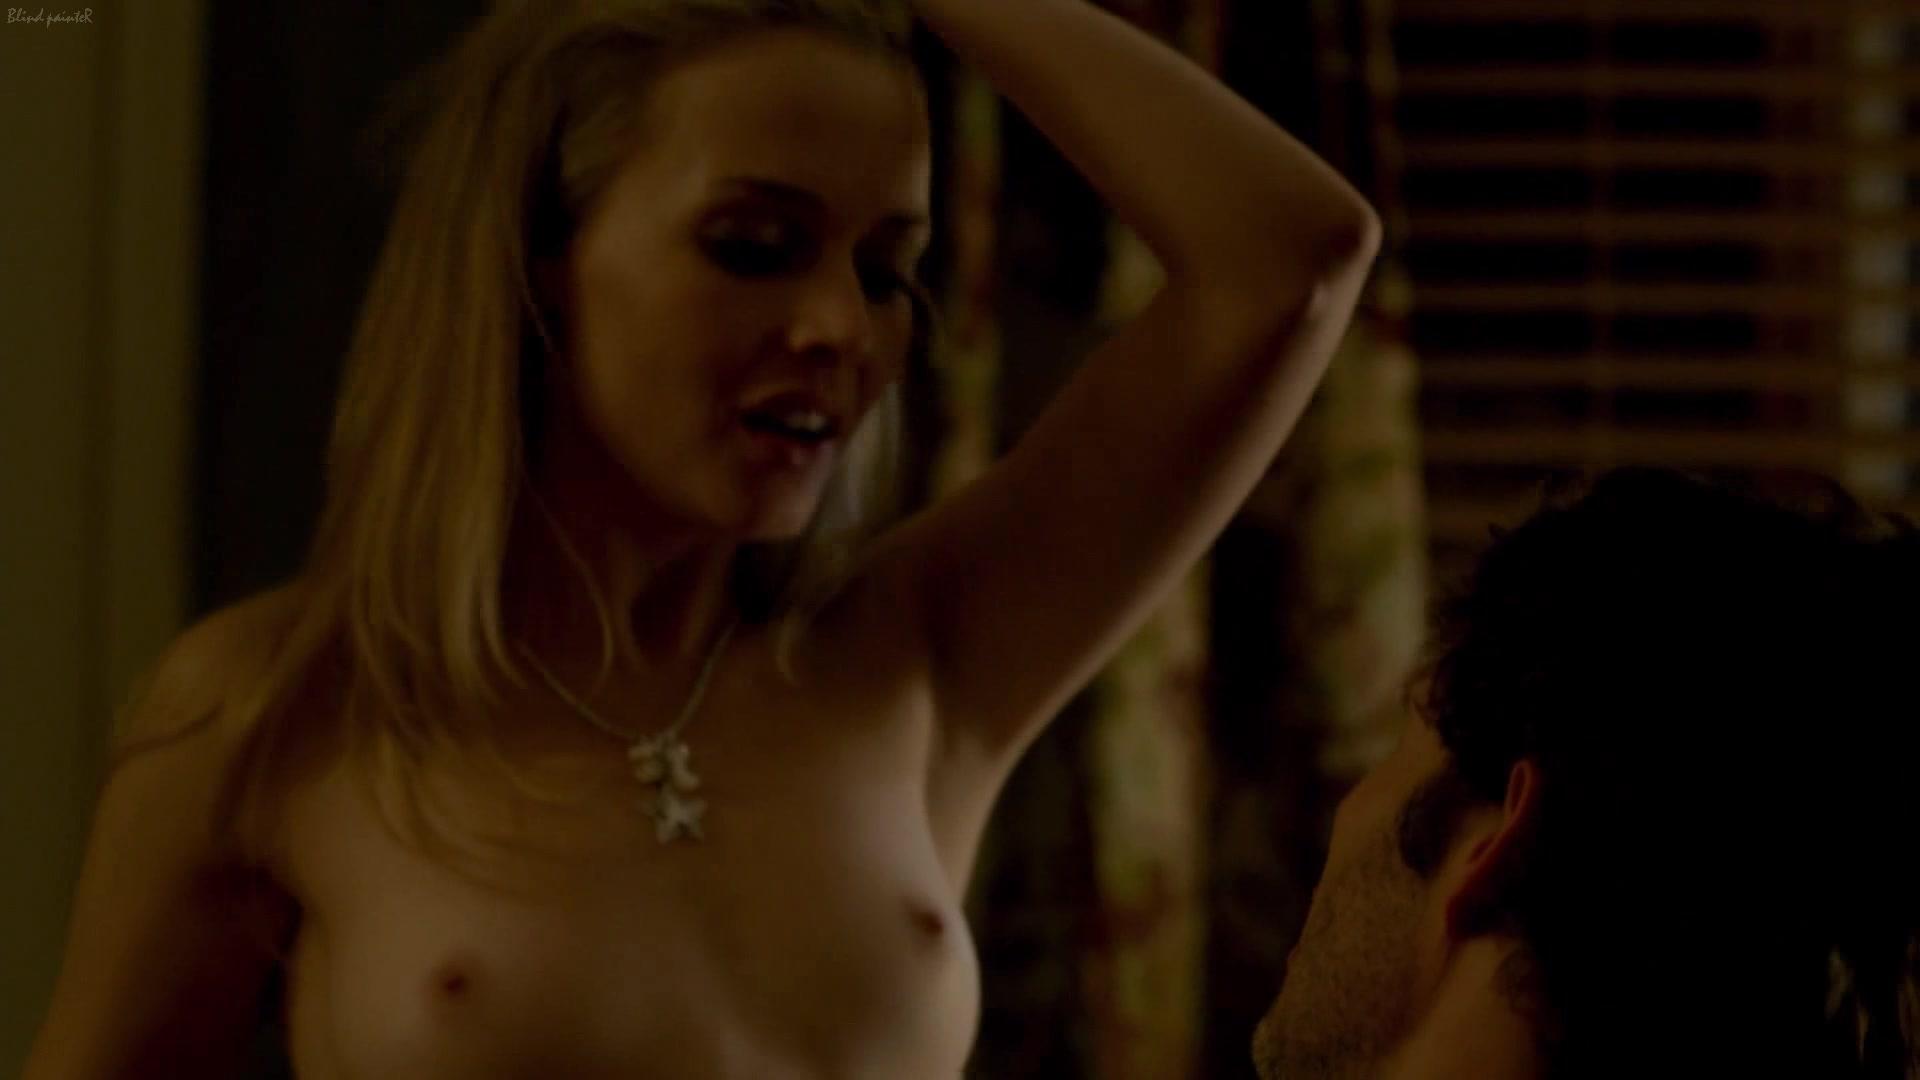 Scene celeb sex Explicit Nude